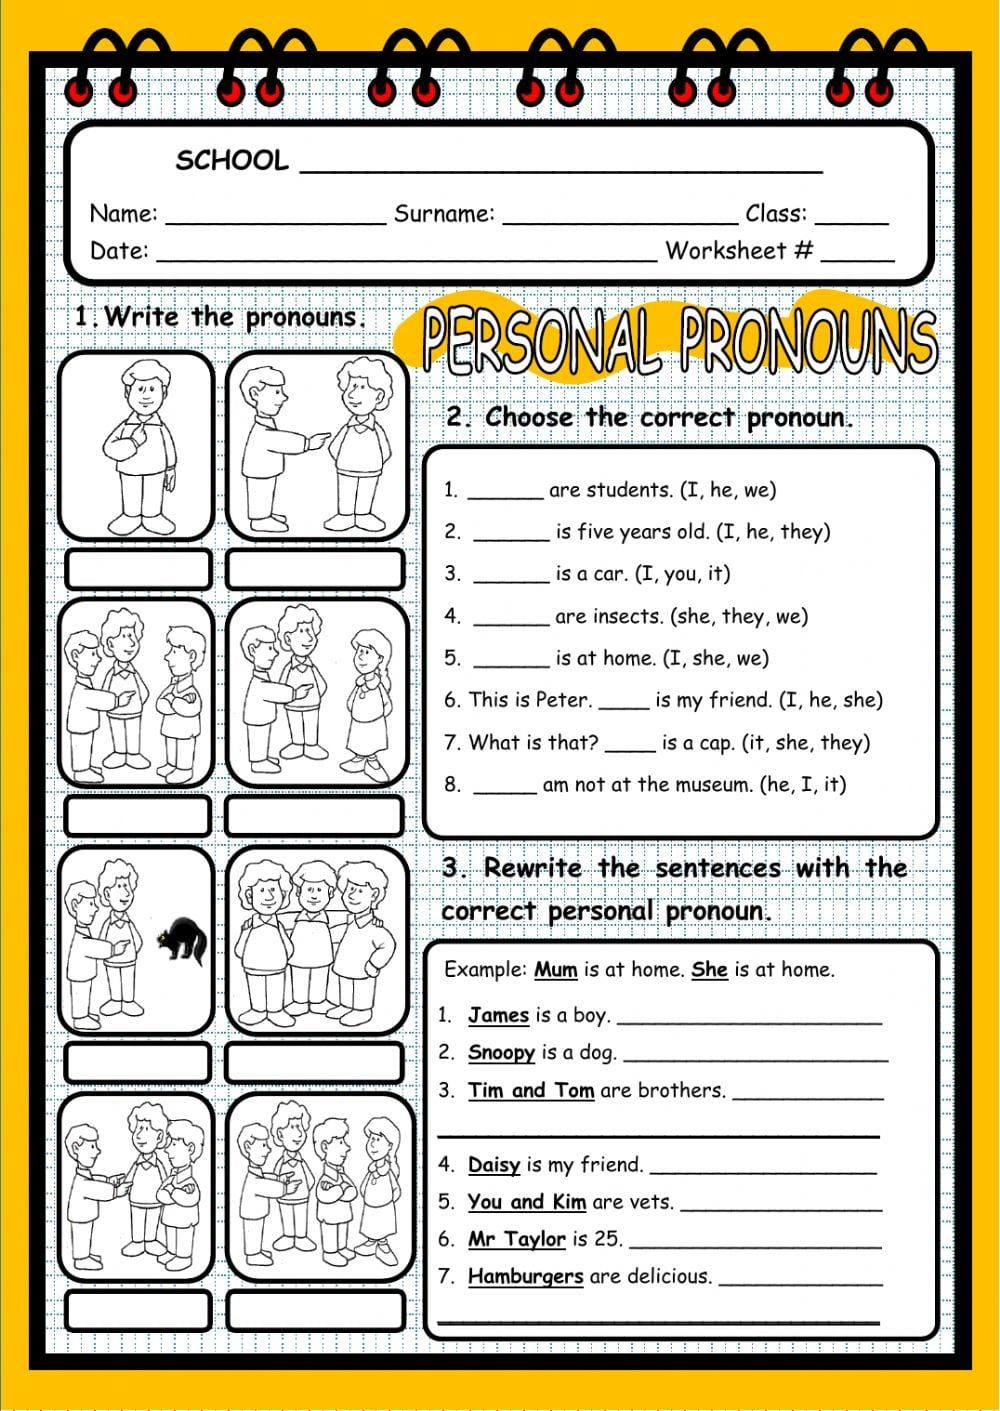 Worksheets Pronouns Personal Personal Pronouns Worksheets Personal Pronouns Pronoun Worksheets [ 1411 x 1000 Pixel ]